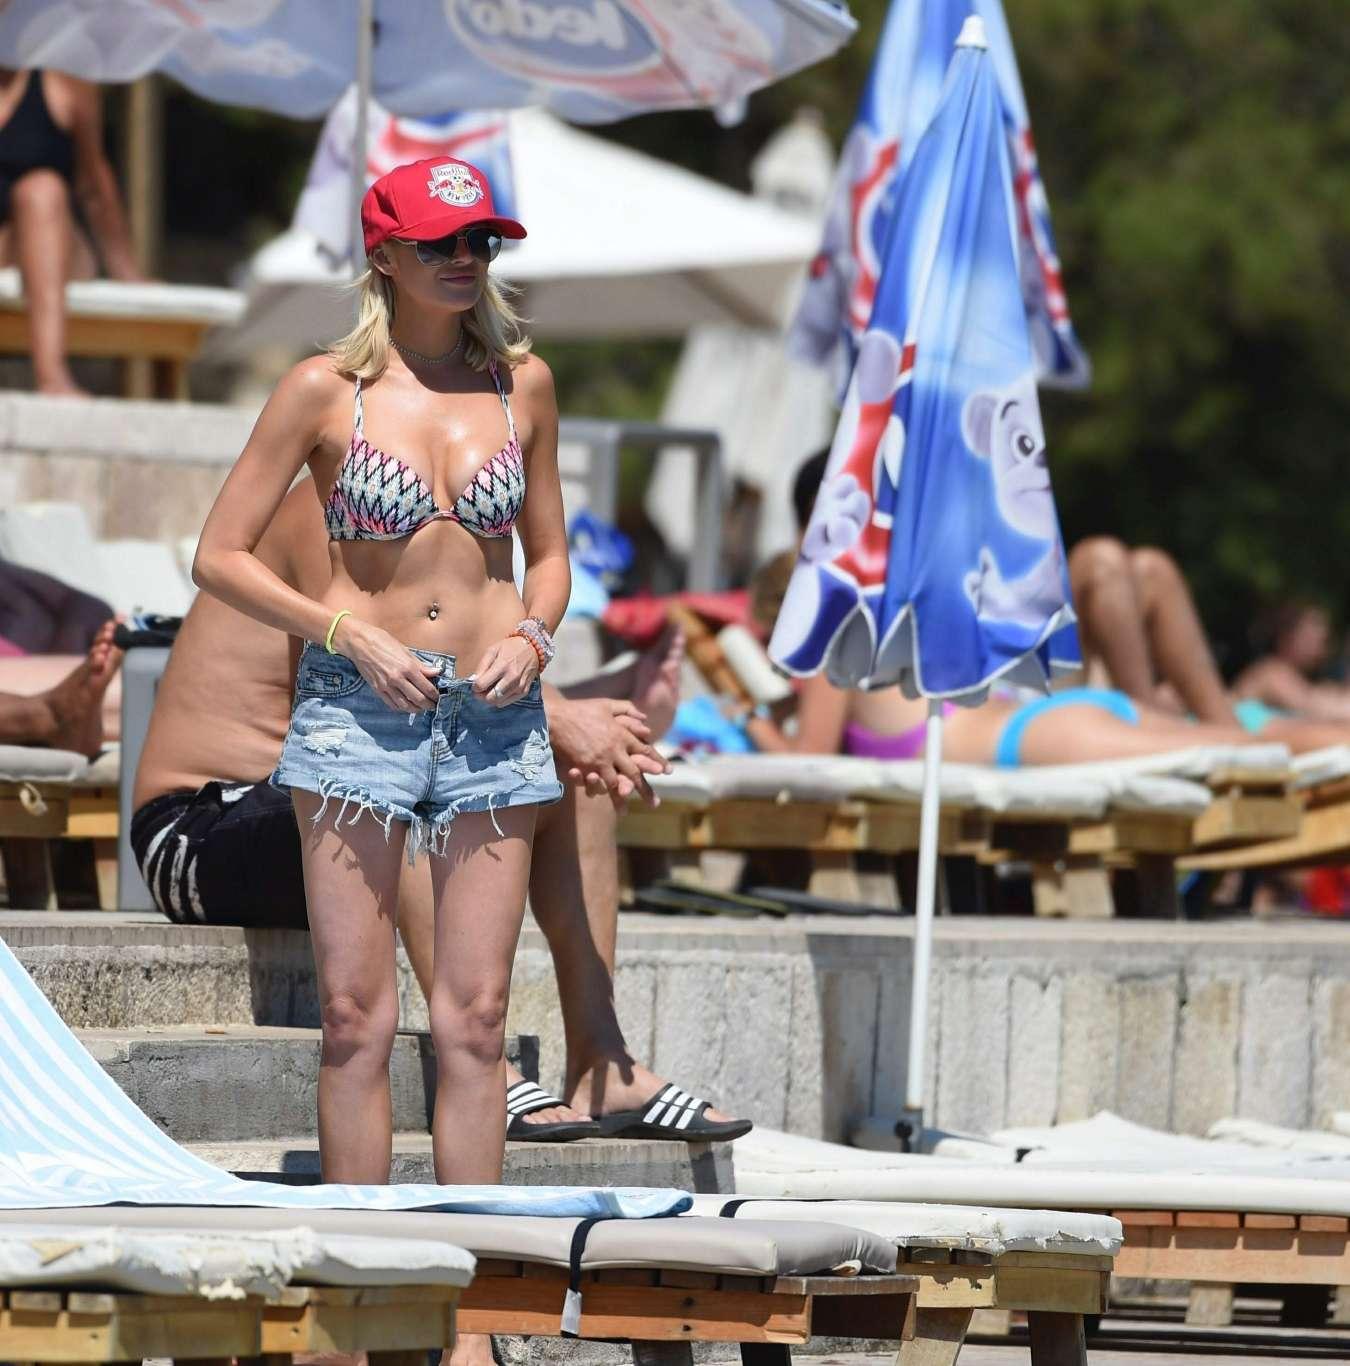 Stephanie Pratt 2017 : Stephanie Pratt: Bikini on holiday in Croatia -15